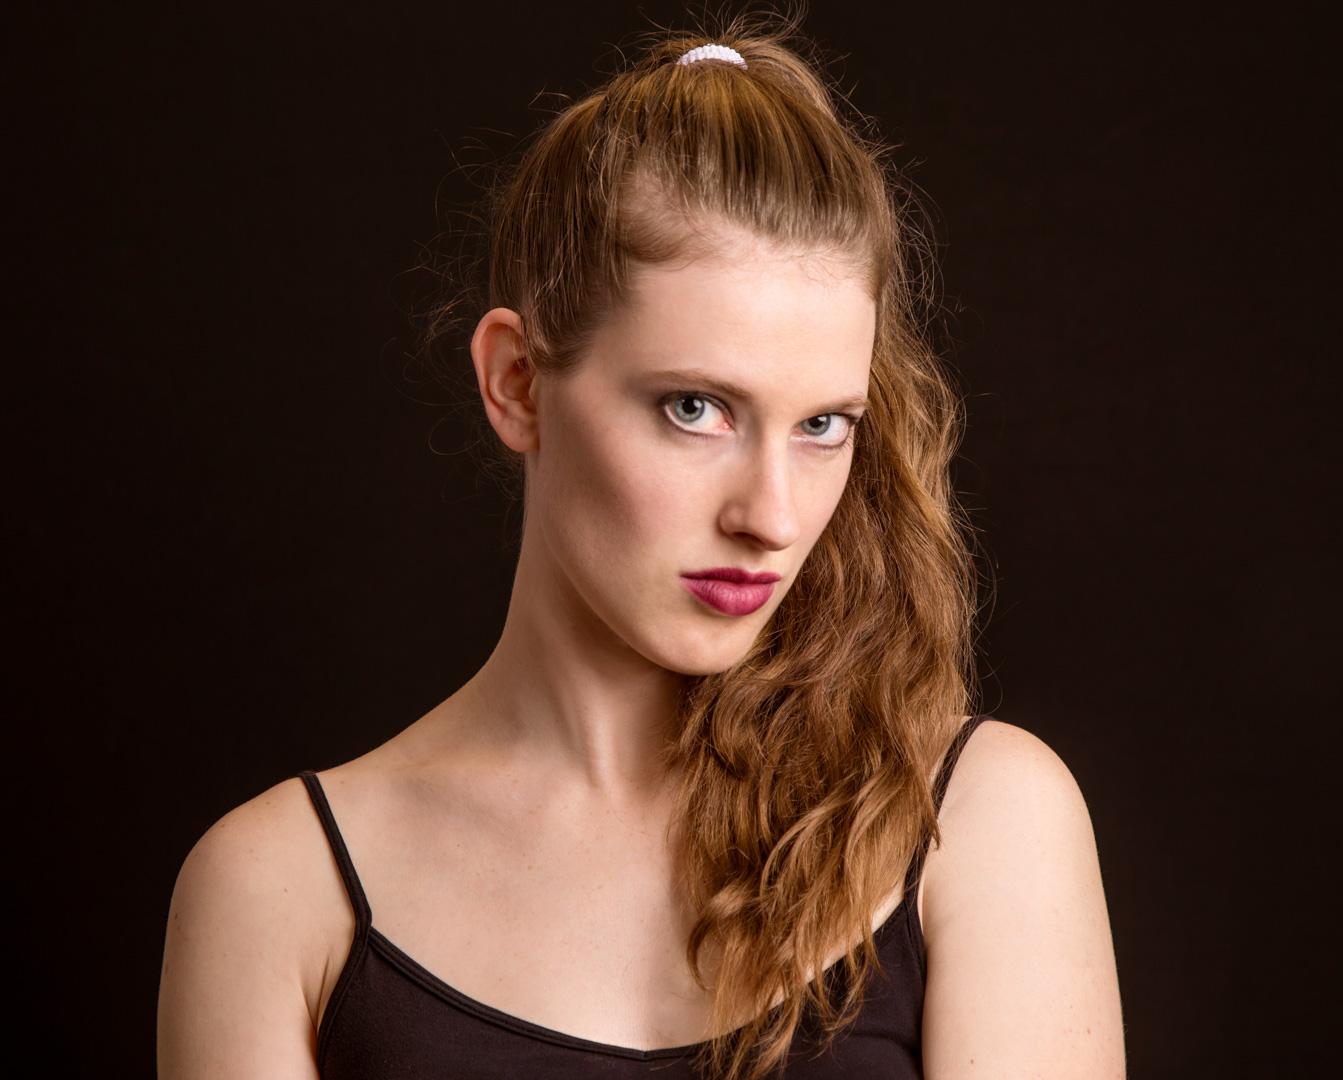 Danielle Mott